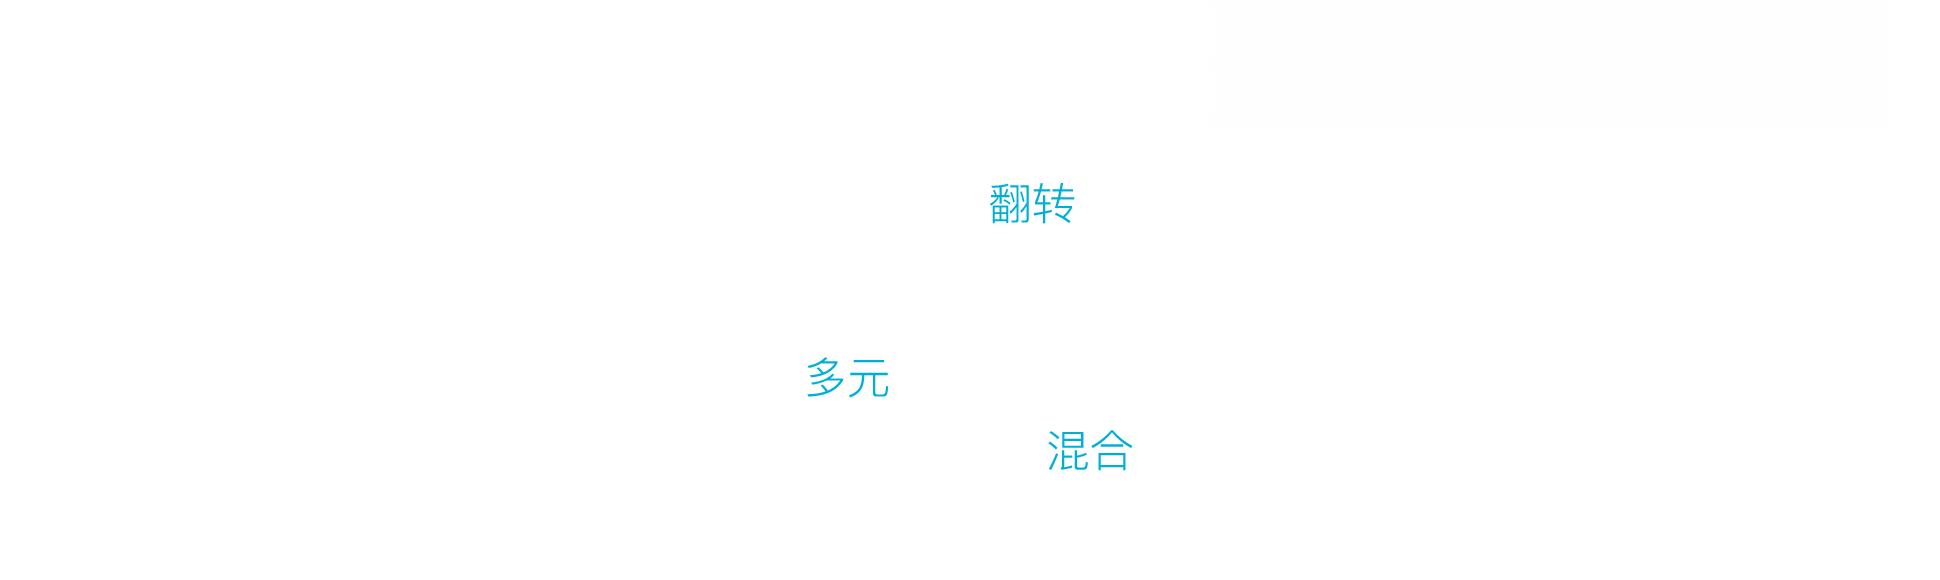 青岛韦博英语翻转混合多元学习法